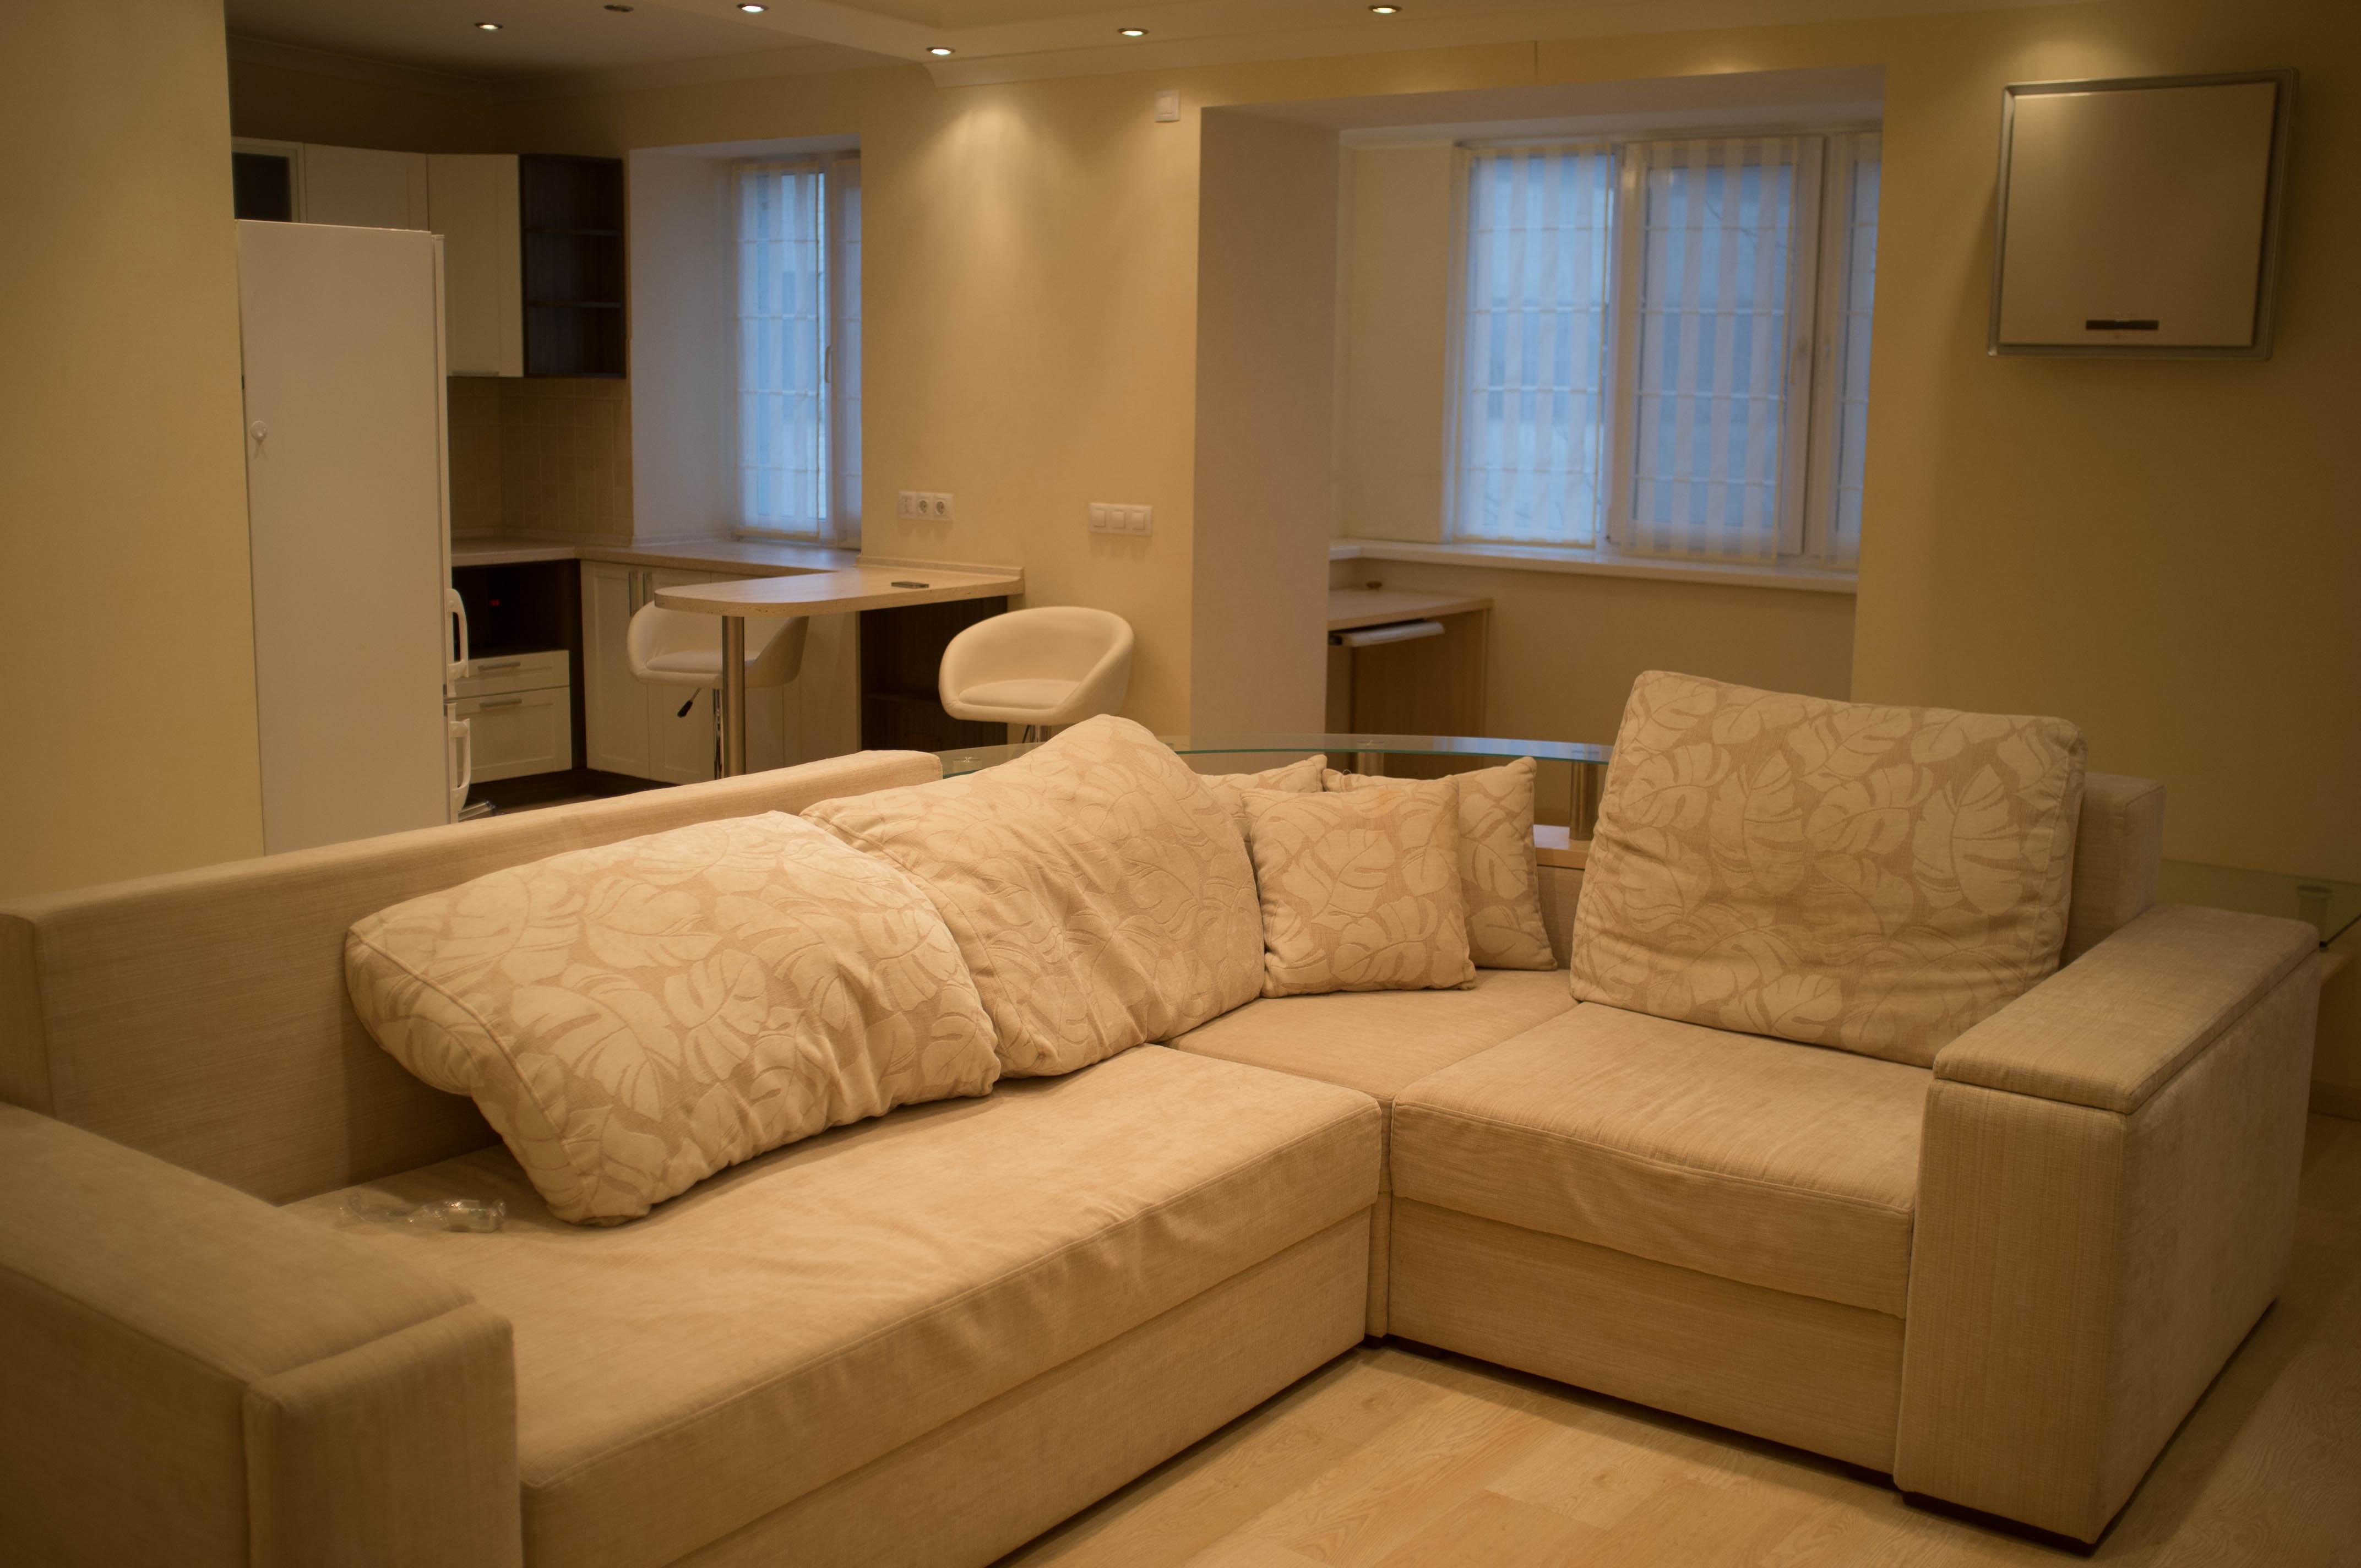 Fotos gratis : silla, piso, casa, yate, cabaña, propiedad, sala ...